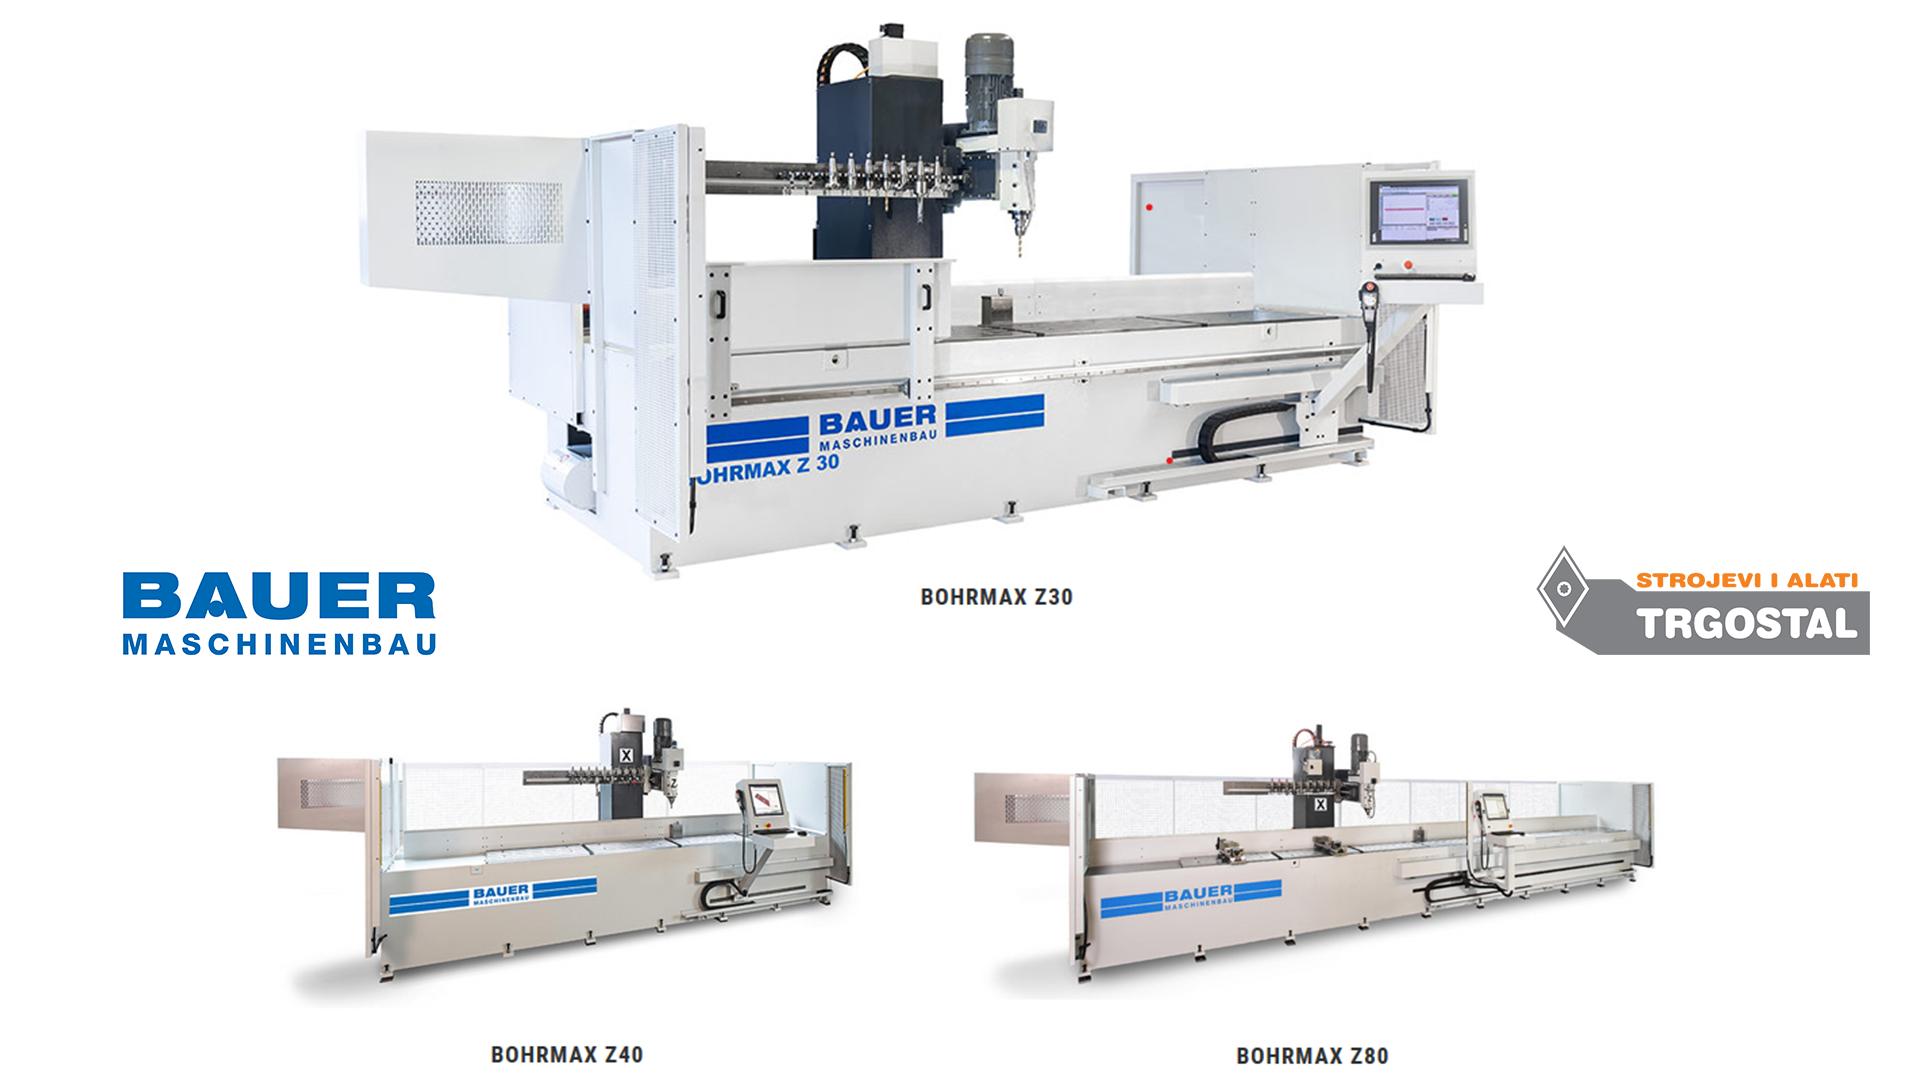 BAUER Maschinenbau - CNC bušilice